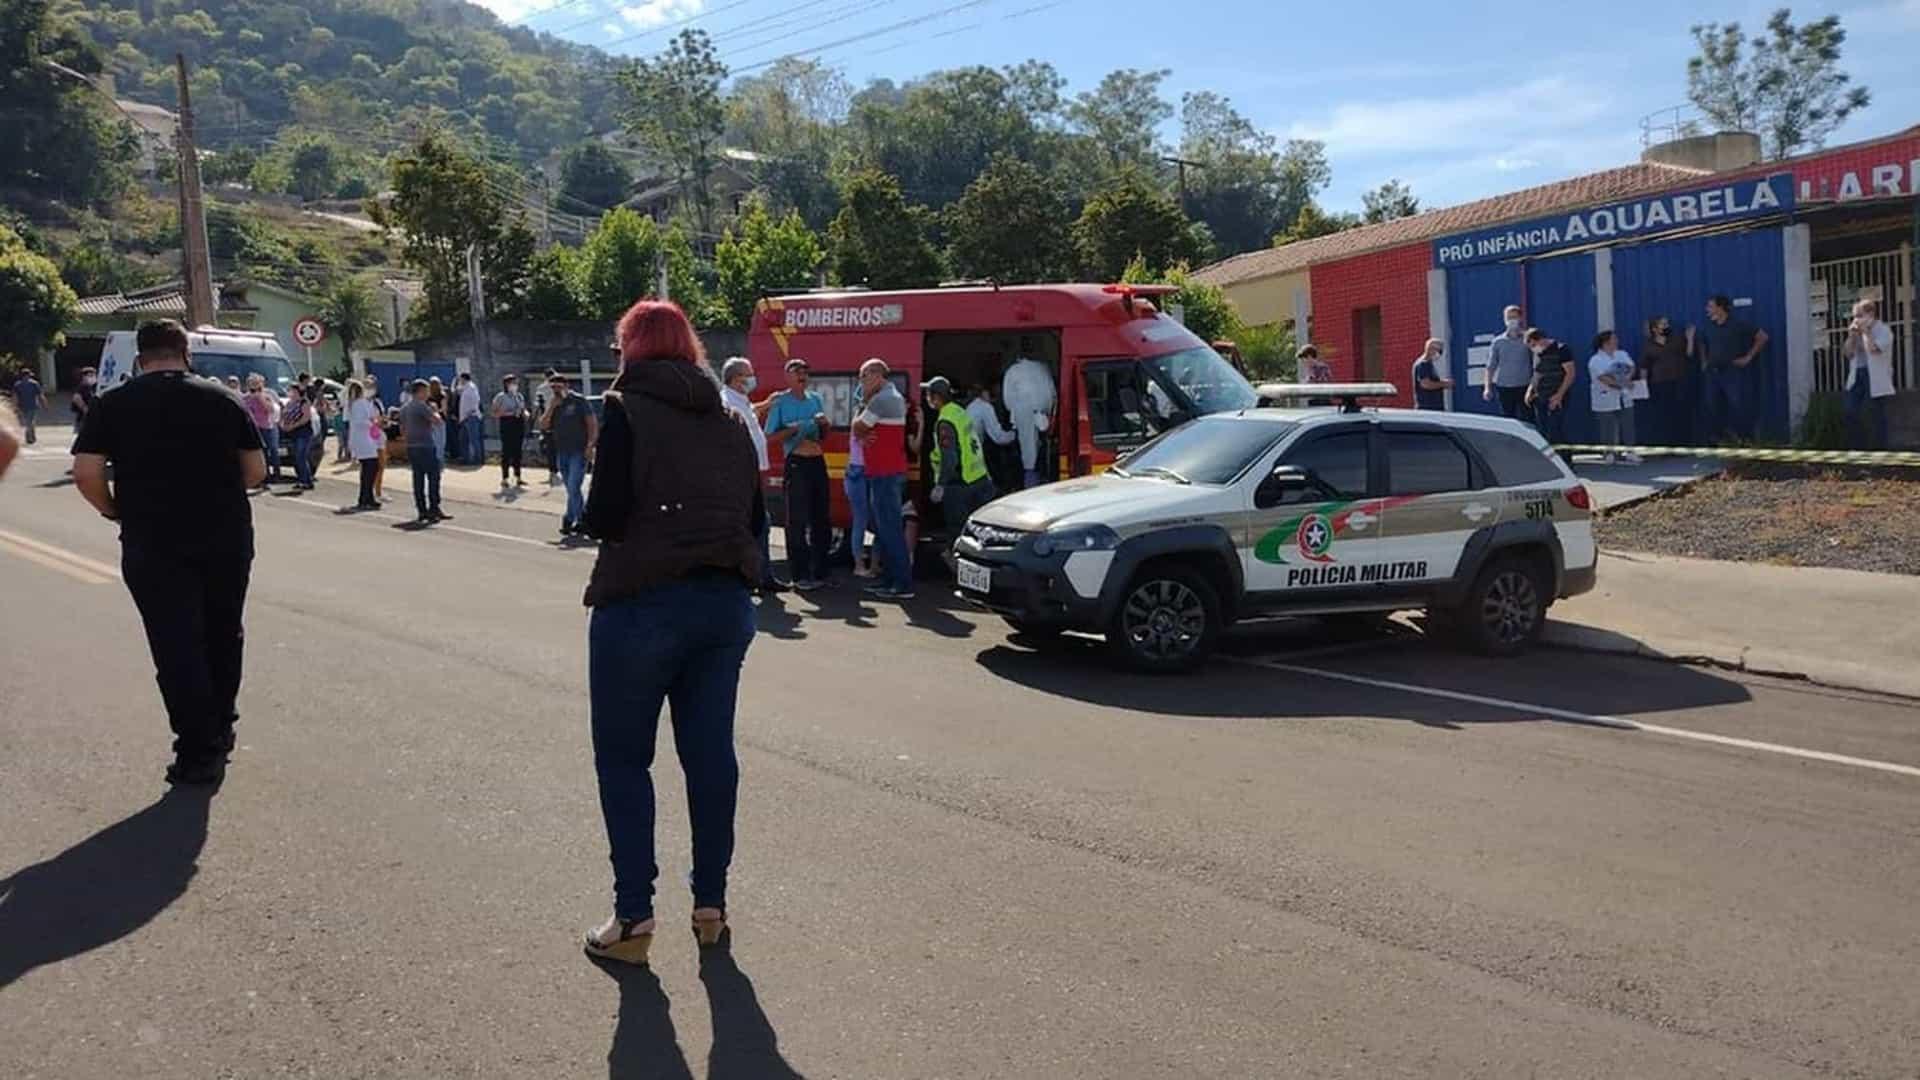 naom 60915c4ccd94b - TRAGÉDIA E DESESPERO: garoto invade escola e mata crianças em Santa Catarina